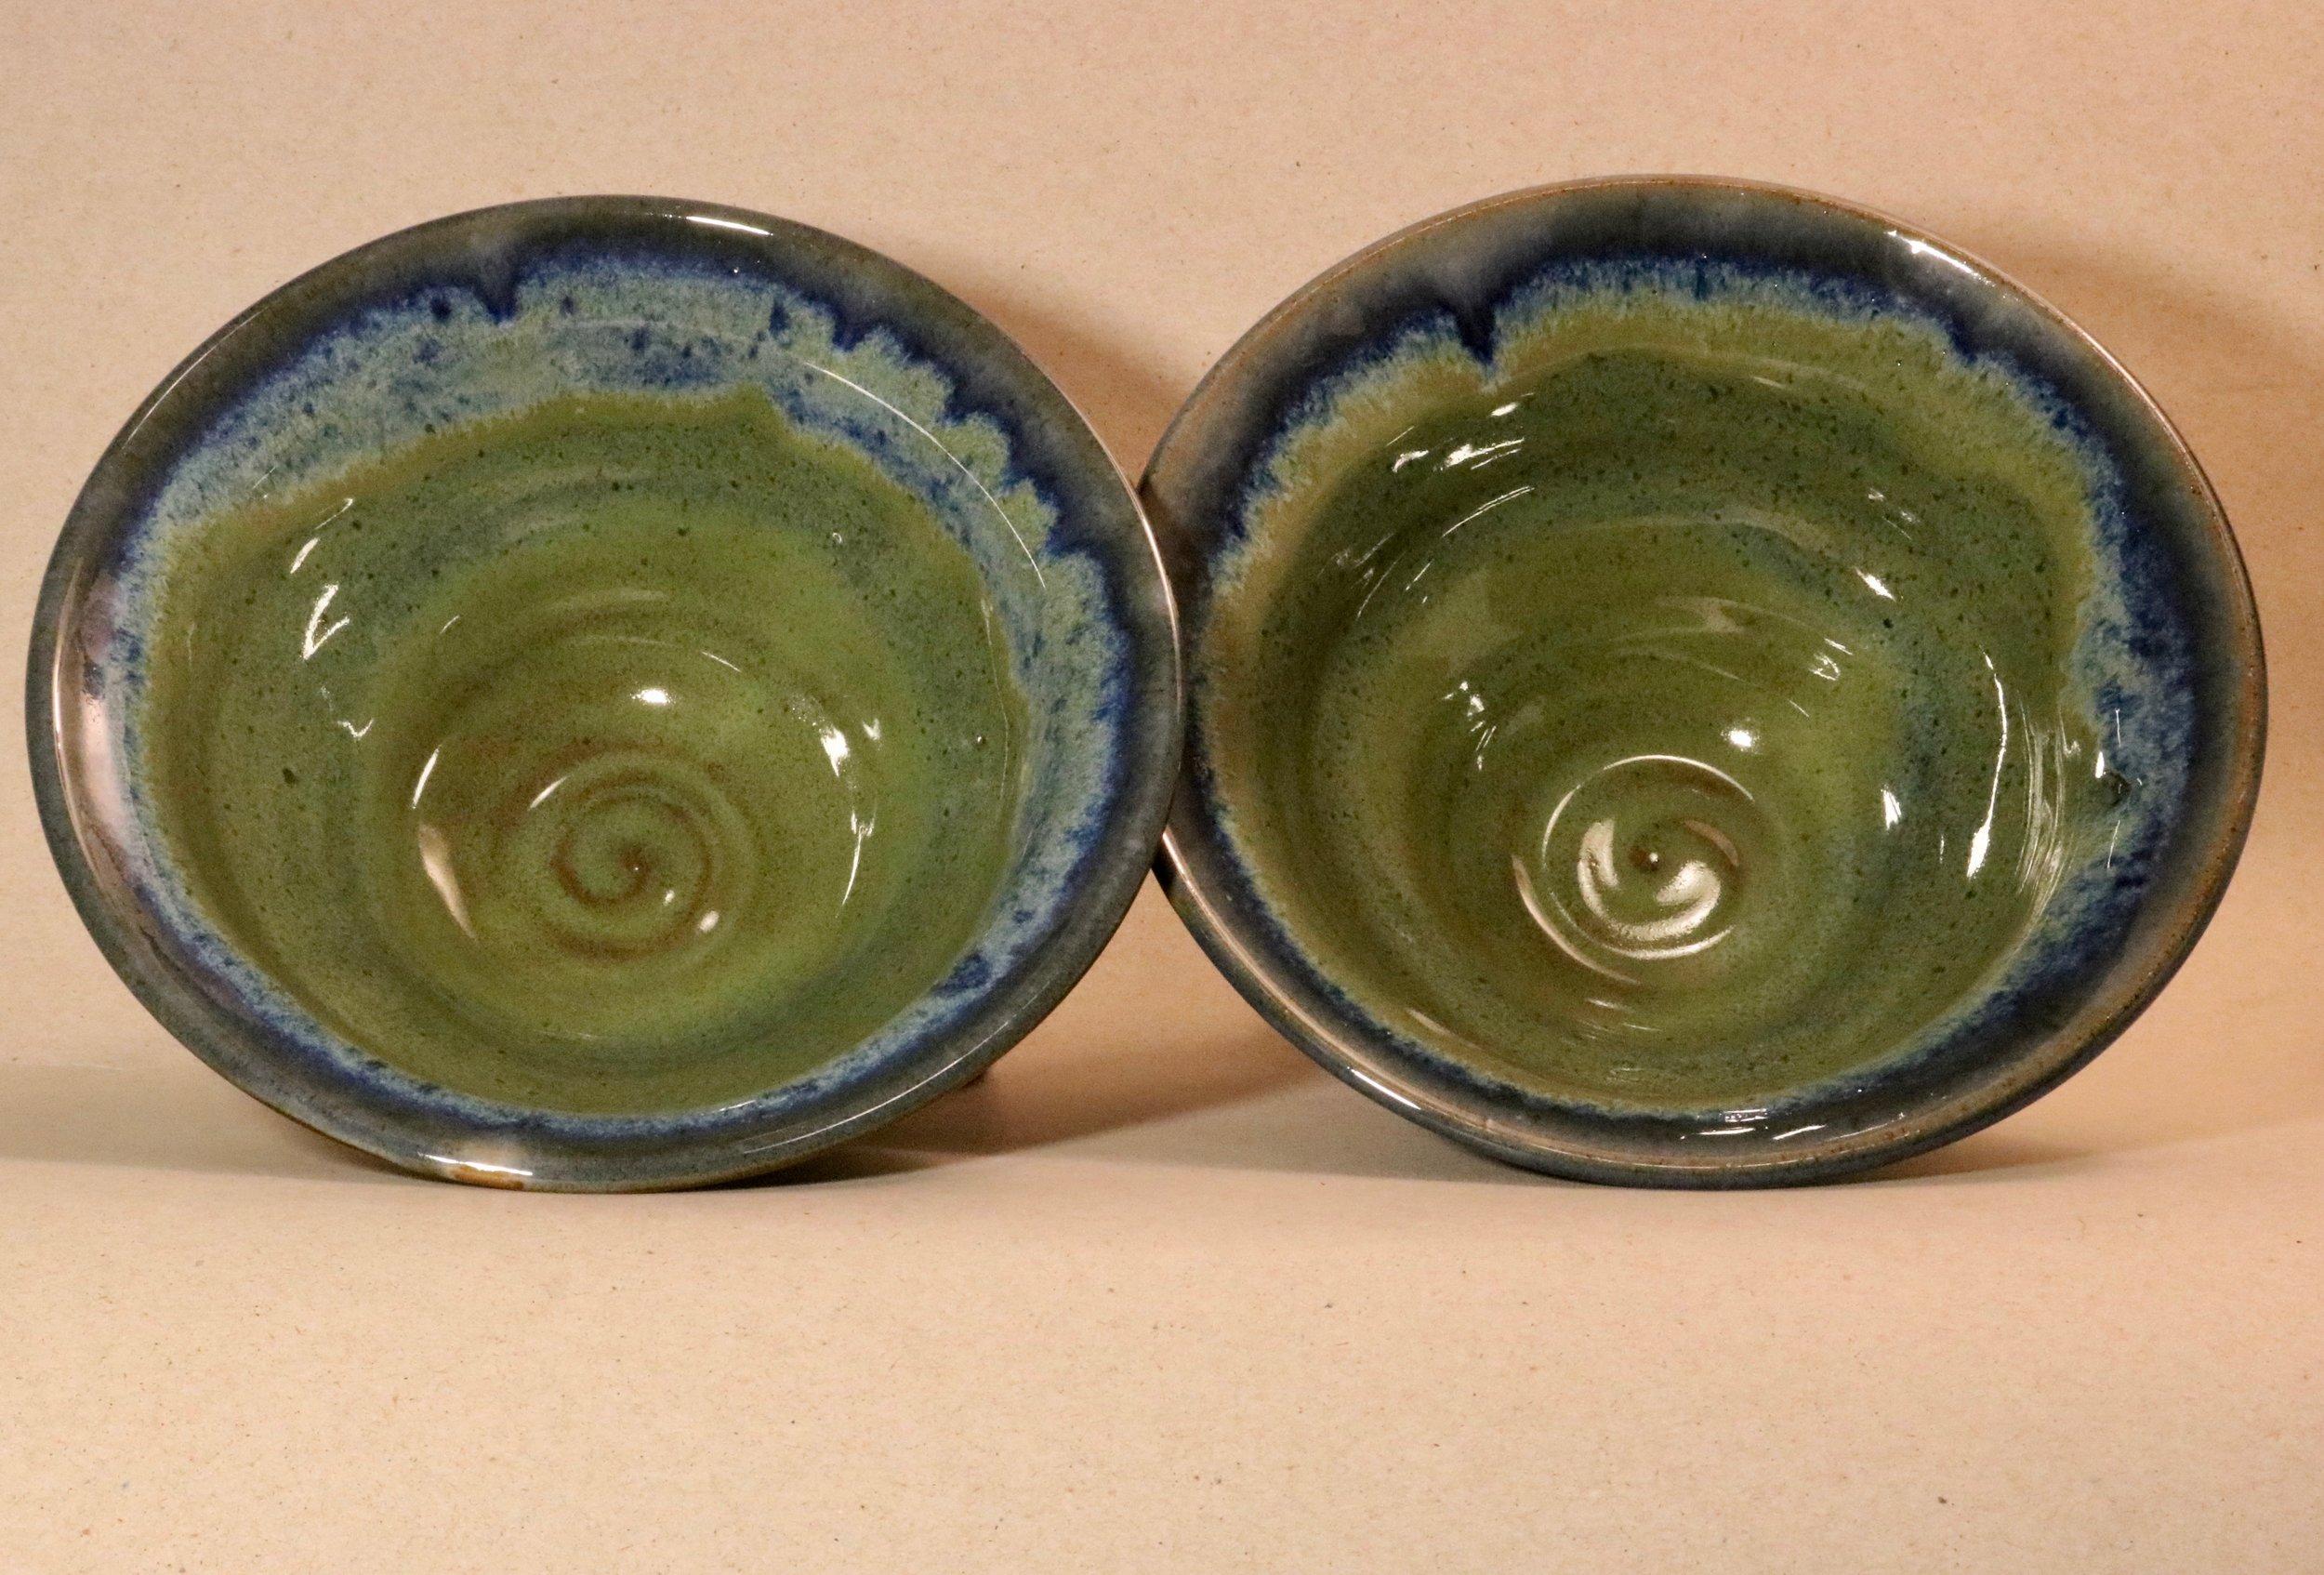 $30 (2 bowls) Debbie S June 19